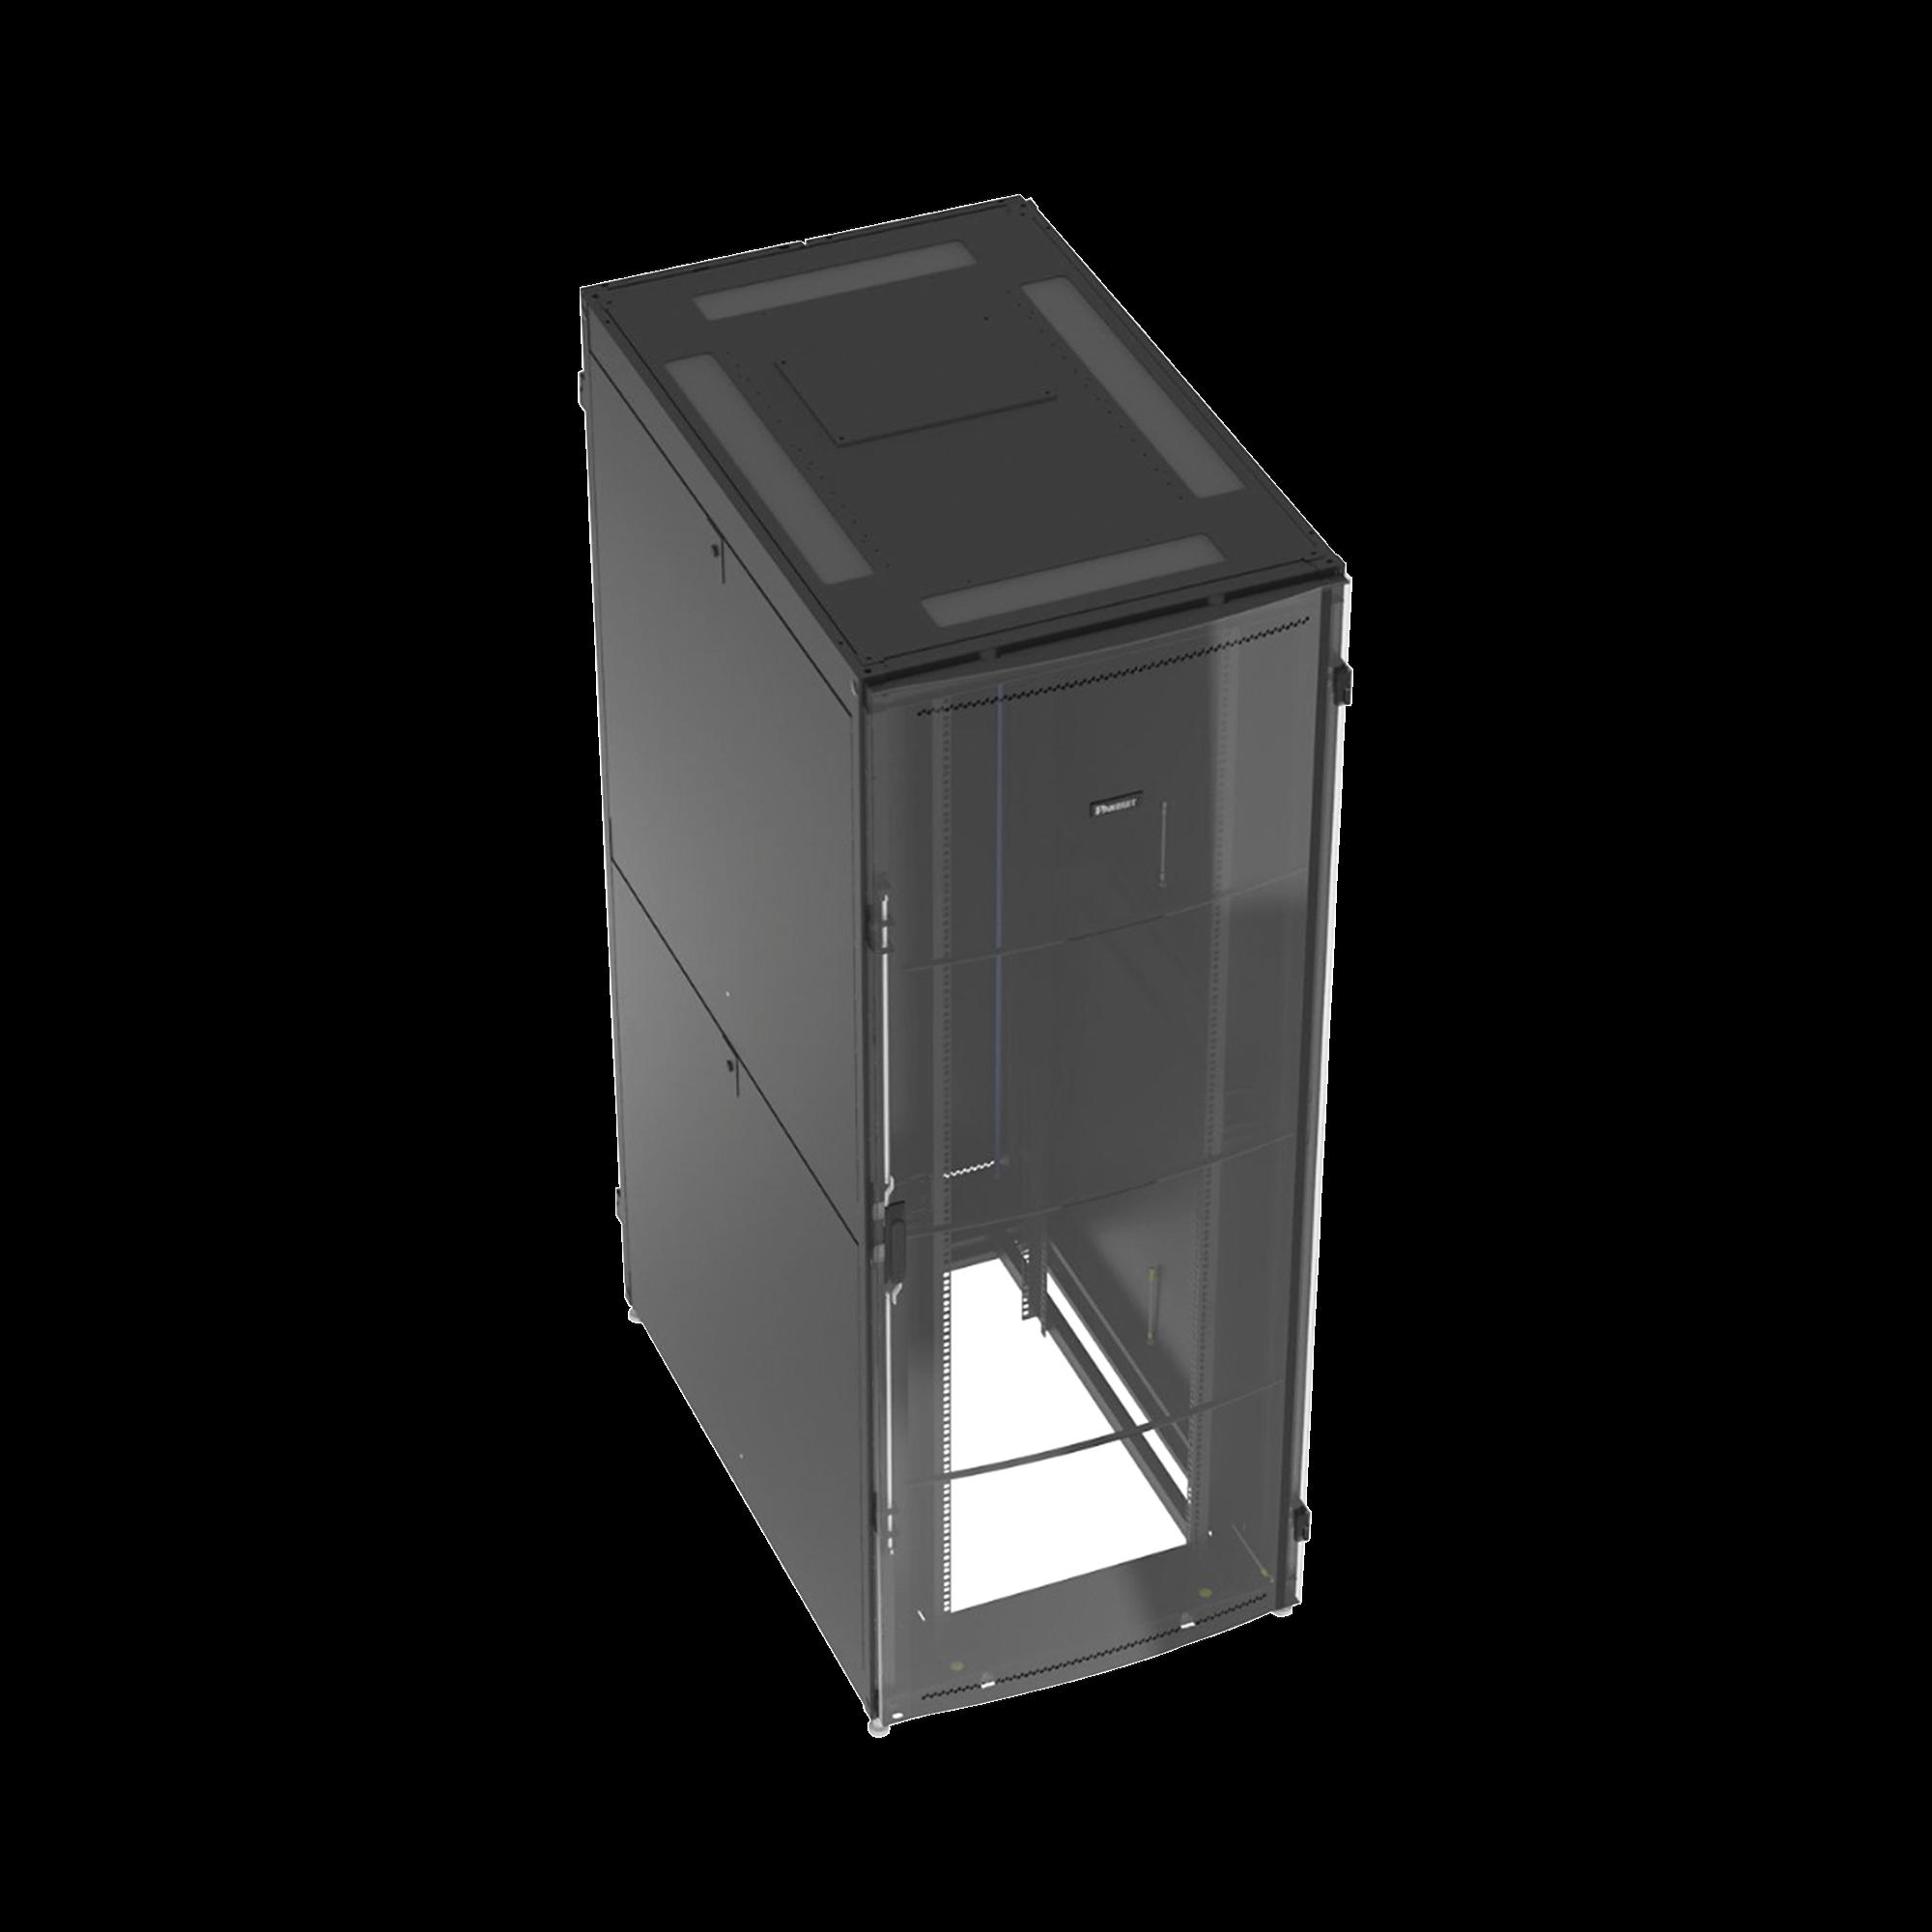 Gabinete Net-Verse para Centros de Datos, 45UR, 800mm de Ancho, 1200mm de Profundidad, Fabricado en Acero, Color Negro